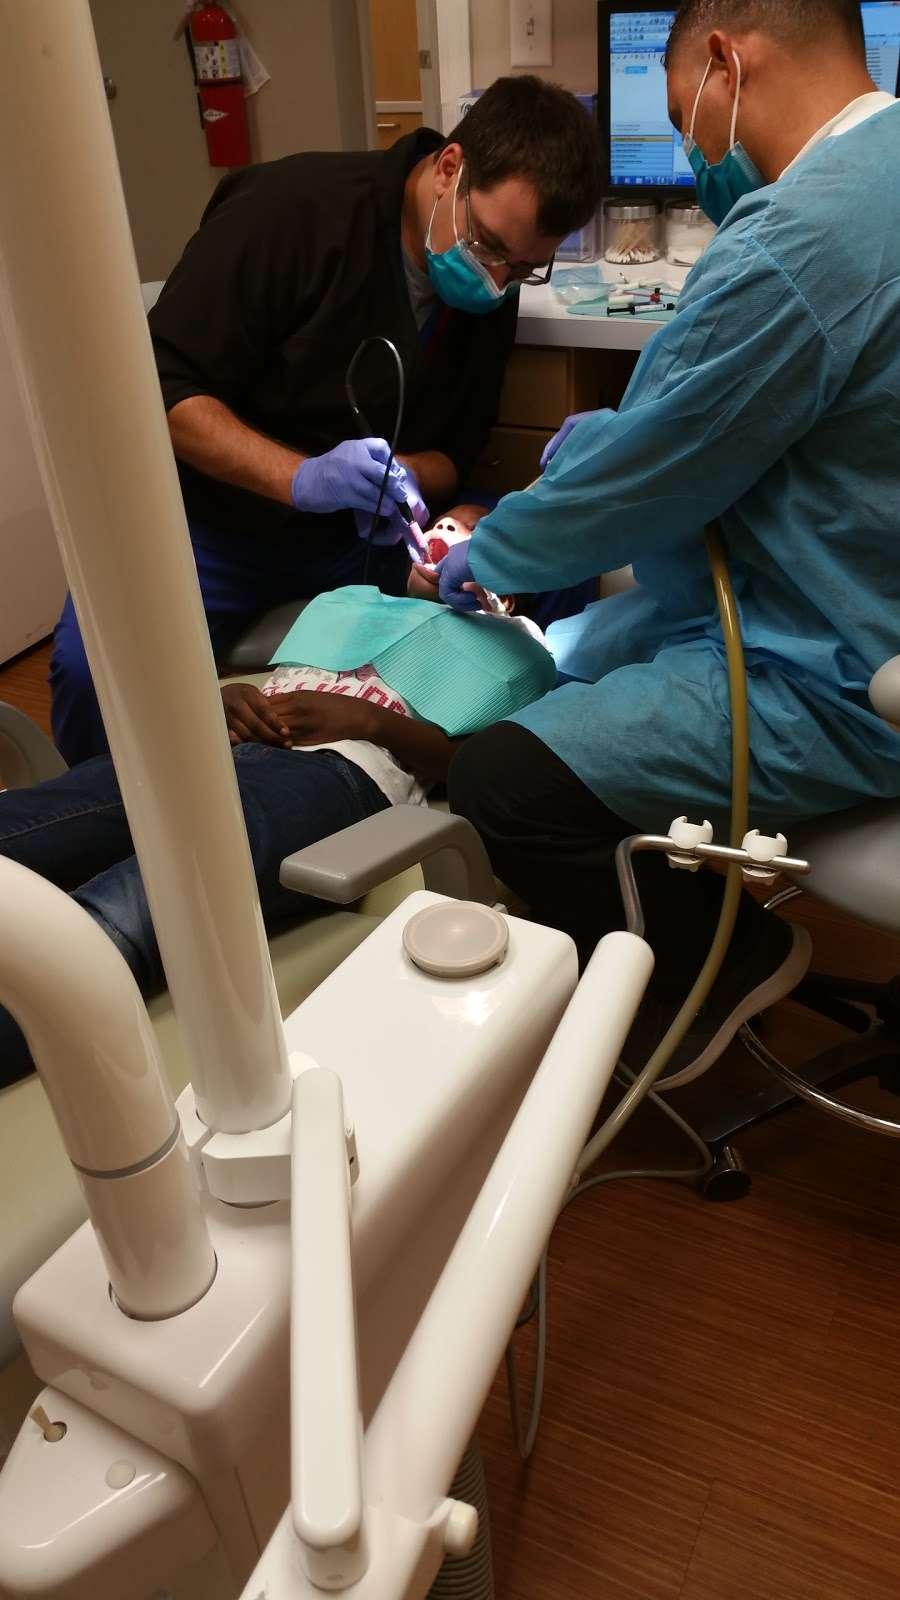 Leo Dentistry - dentist  | Photo 1 of 1 | Address: 5607 Uvalde Rd, Houston, TX 77049, USA | Phone: (832) 230-3122